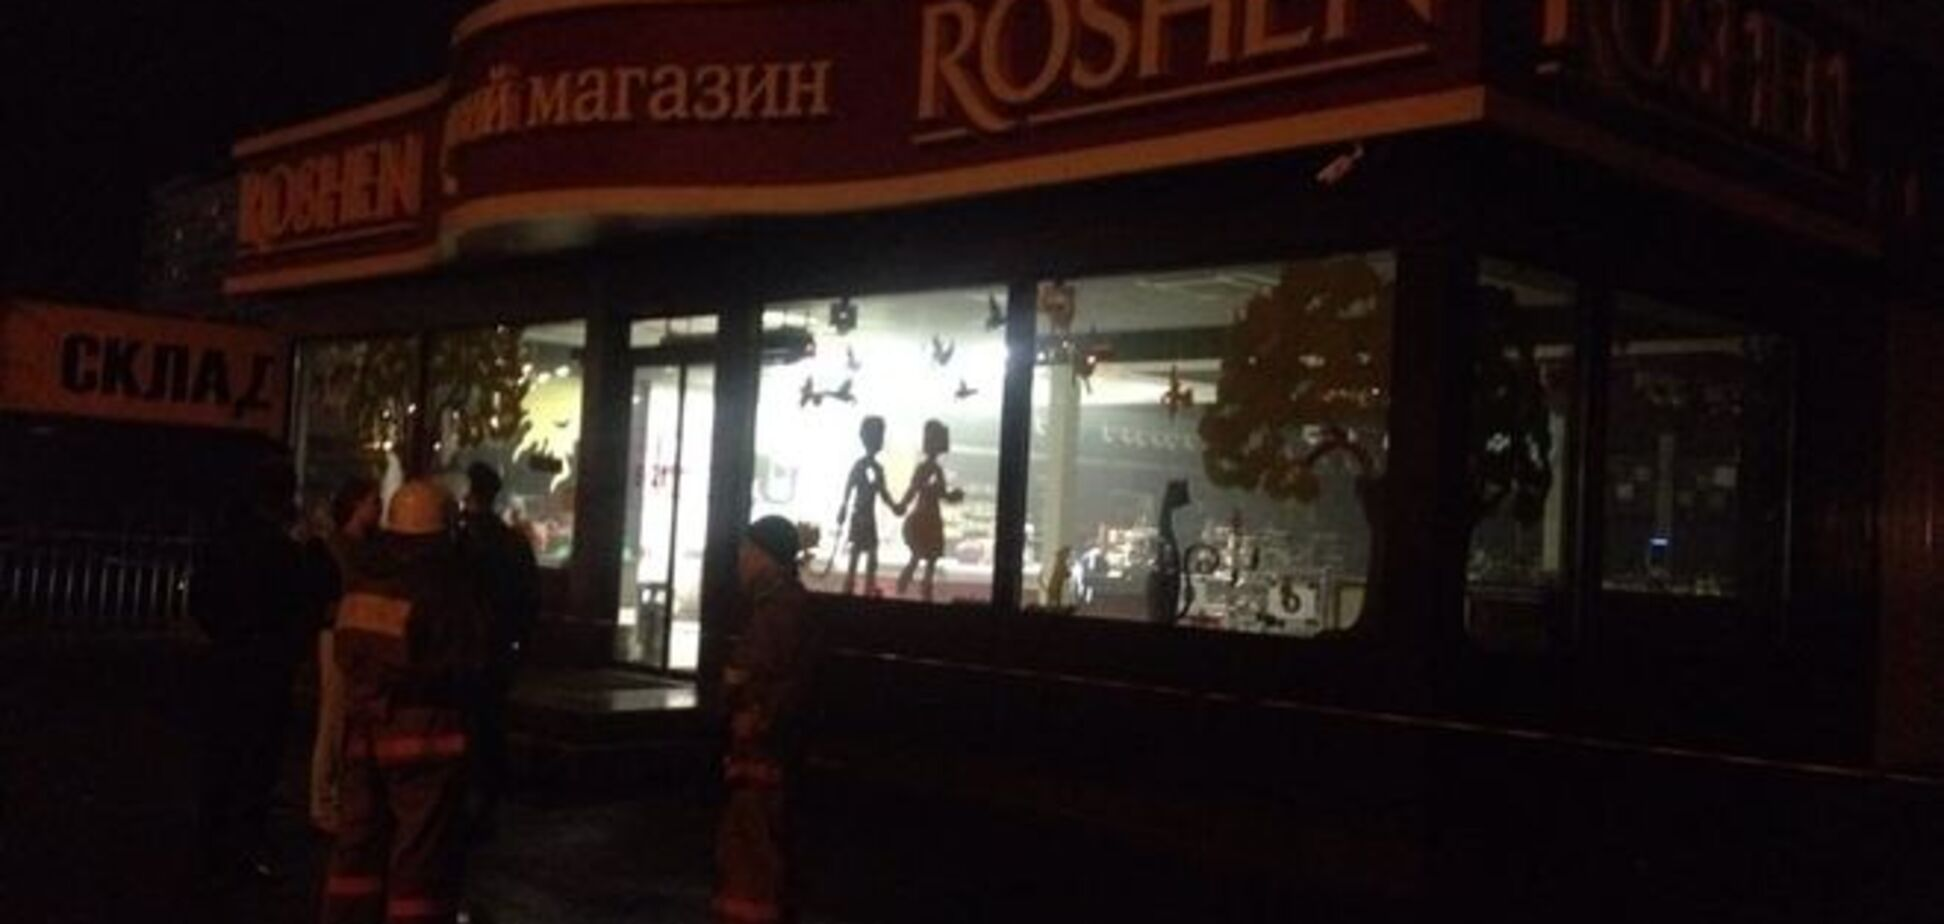 Взрыв в магазине Roshen в Киеве: милиция сообщила подробности ЧП